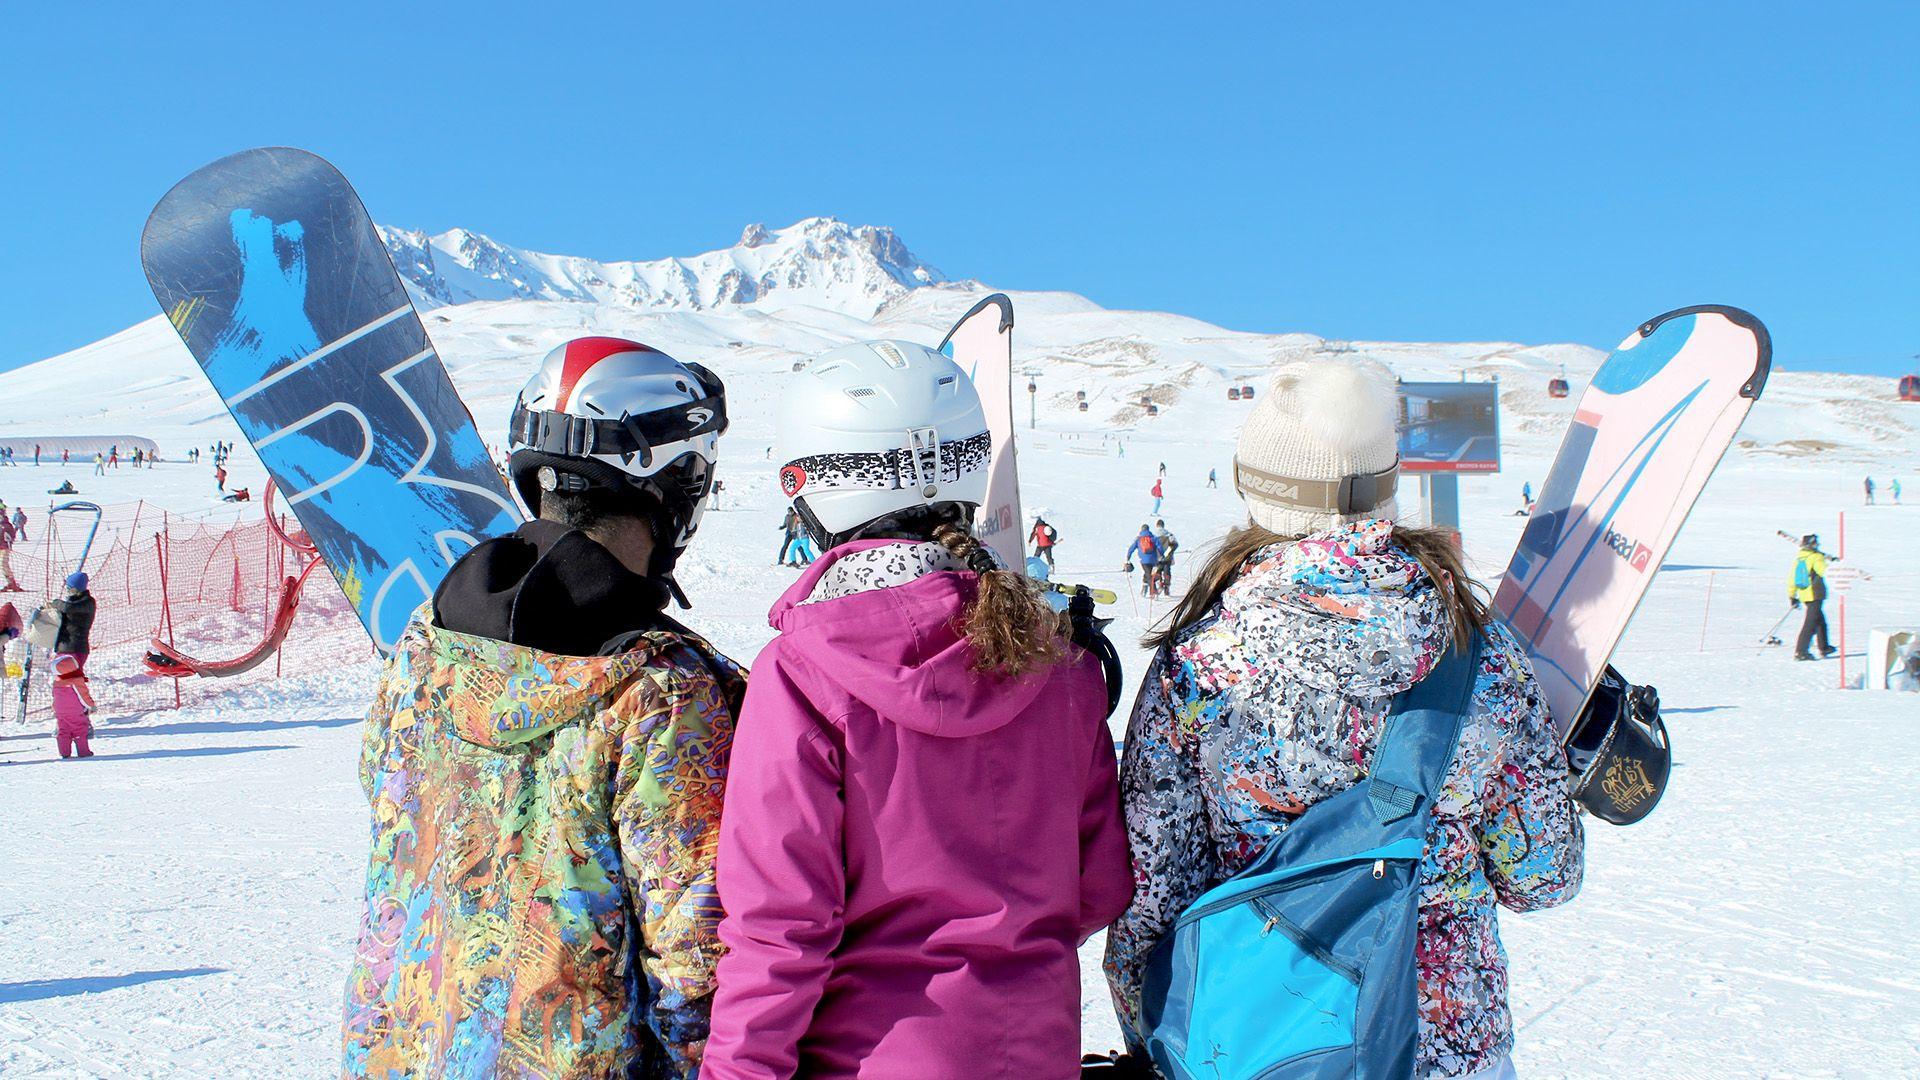 Ośnieżona Kapadocja wygląda naprawdę bajkowo, no i te kilometry ośnieżonych tras przygotowanych zarówno z myślą o początkujących, jak i bardzo zaawansowanych narciarzach.